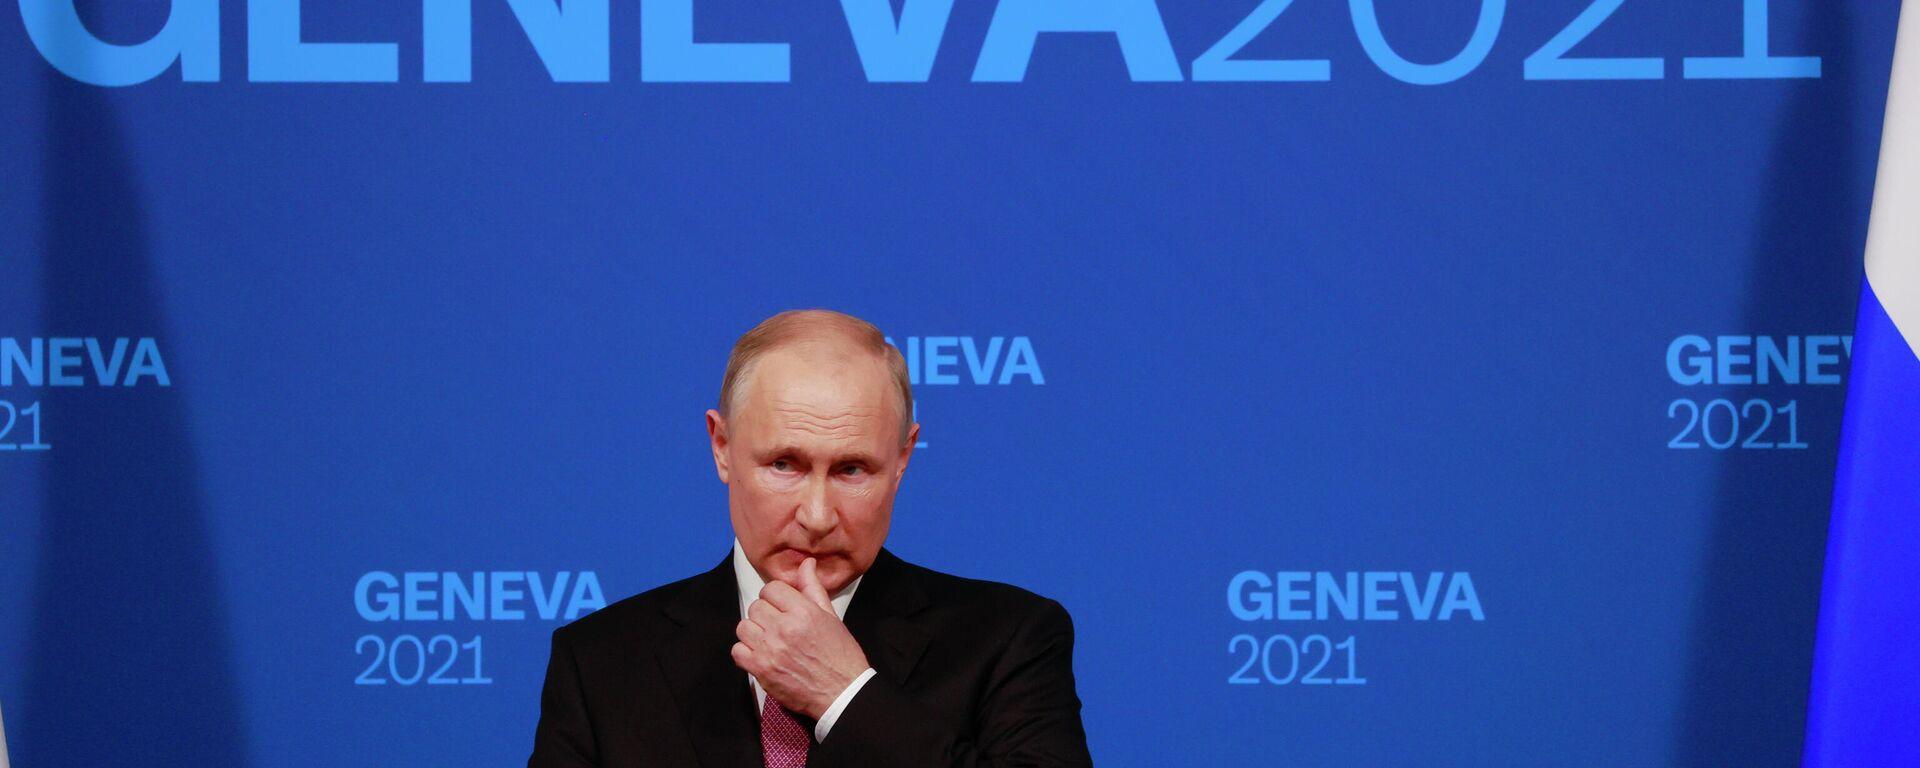 Συνέντευξη Τύπου του Πούτιν μετά τη συνάντηση με τον Μπάιντεν - Sputnik Ελλάδα, 1920, 15.09.2021